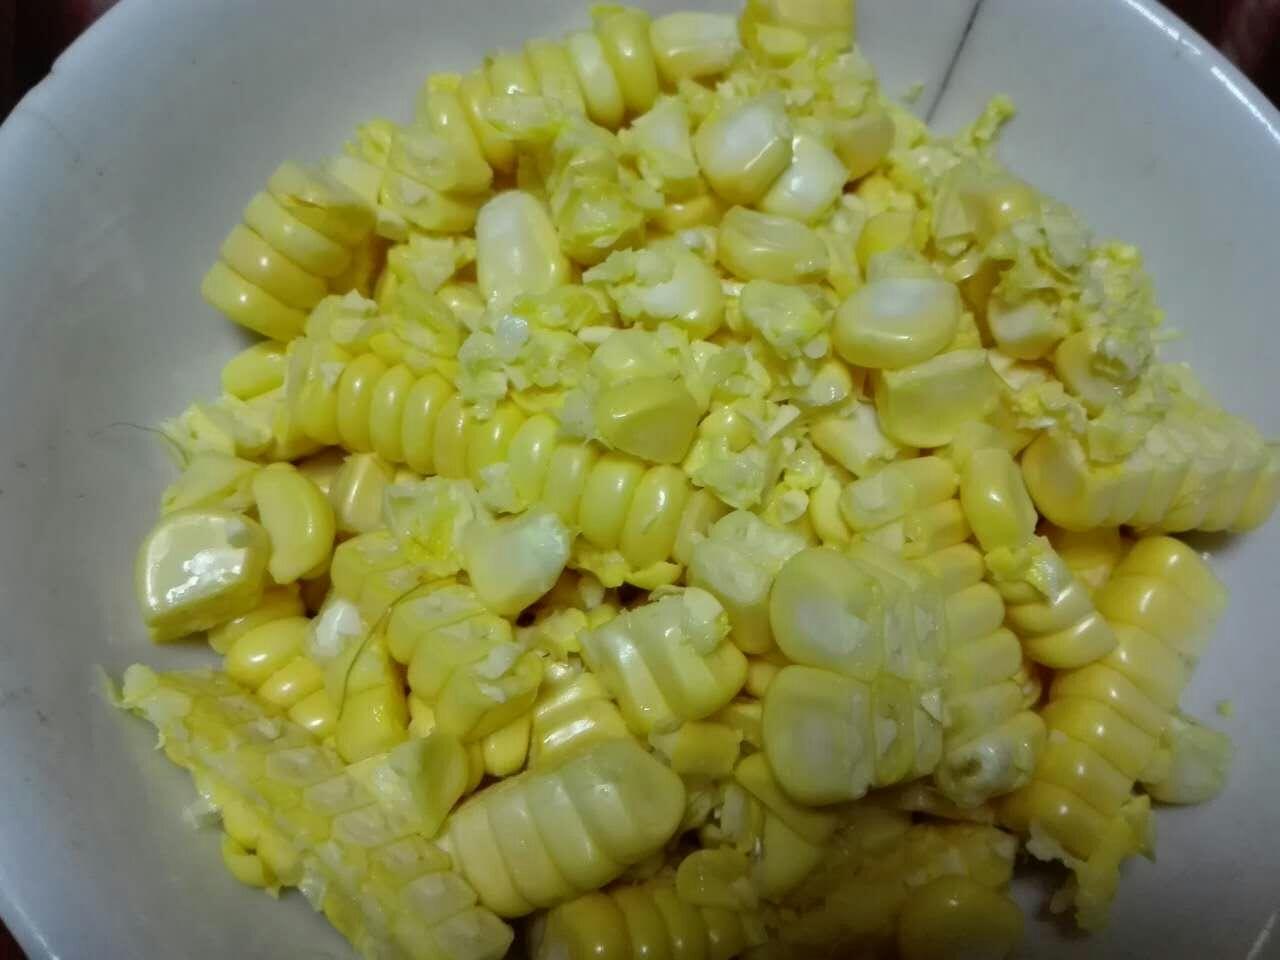 奶香玉米汁的做法图解1